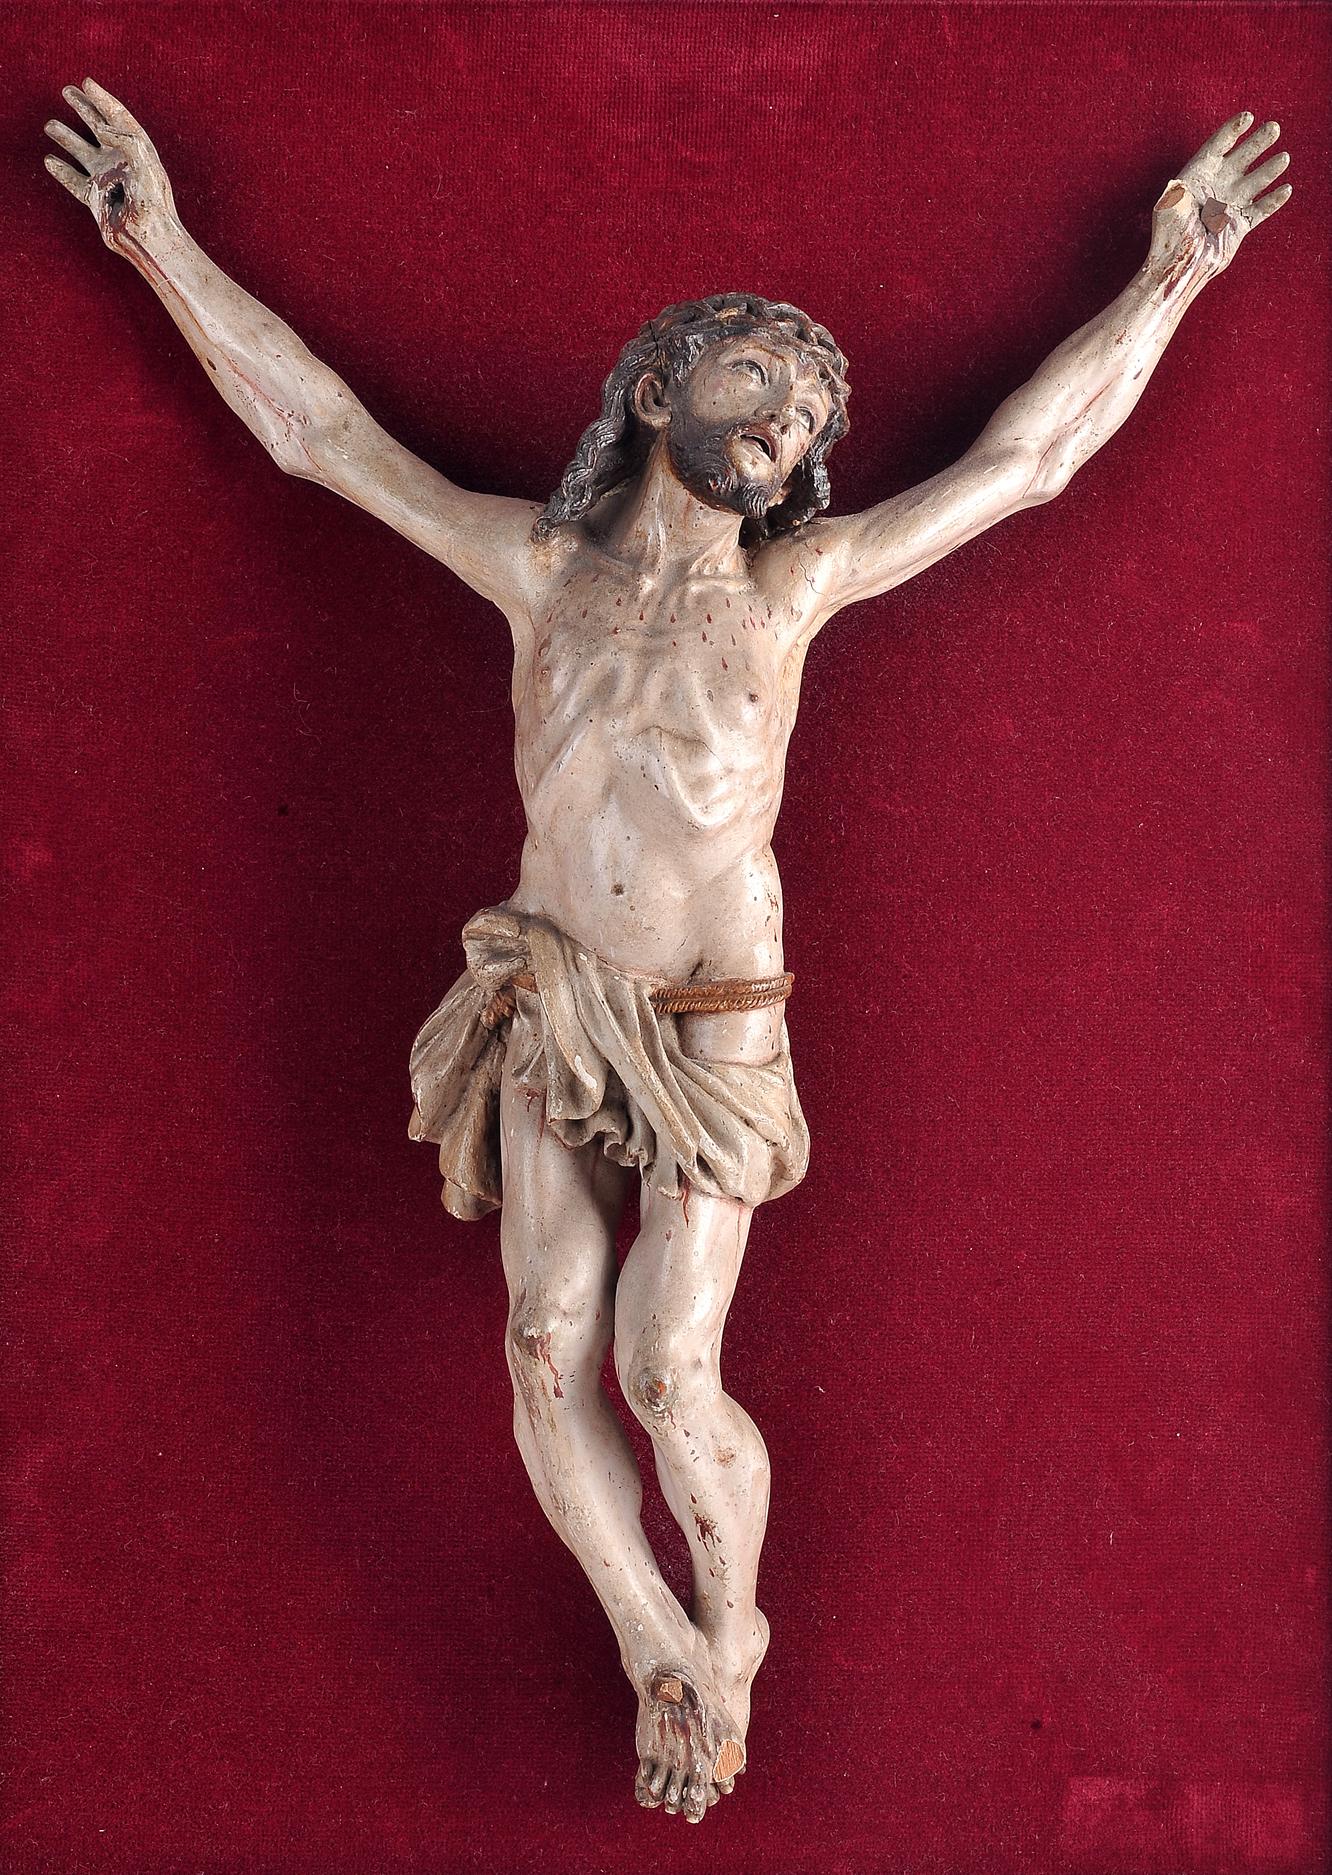 Christo Vivo, Spanien, 17. Jahrhundert - Image 3 of 8